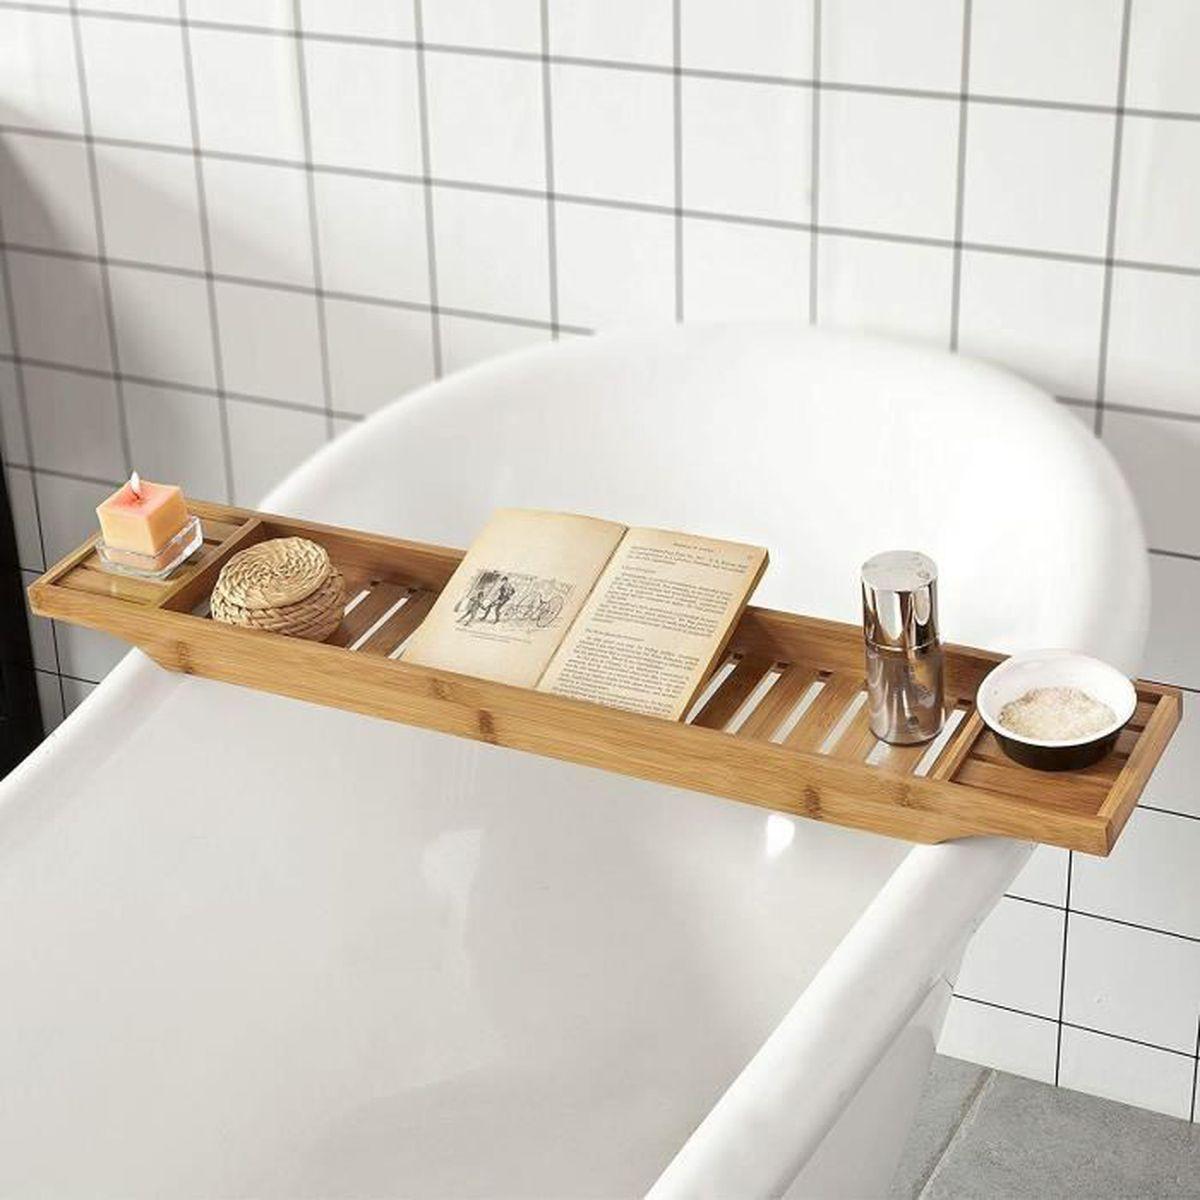 5,5 x 70 x 16,5 cm avec 3 compartiments pour le savon nature cr/ème bougie ou verre Relaxdays Pont de baignoire en bambou HxlxP